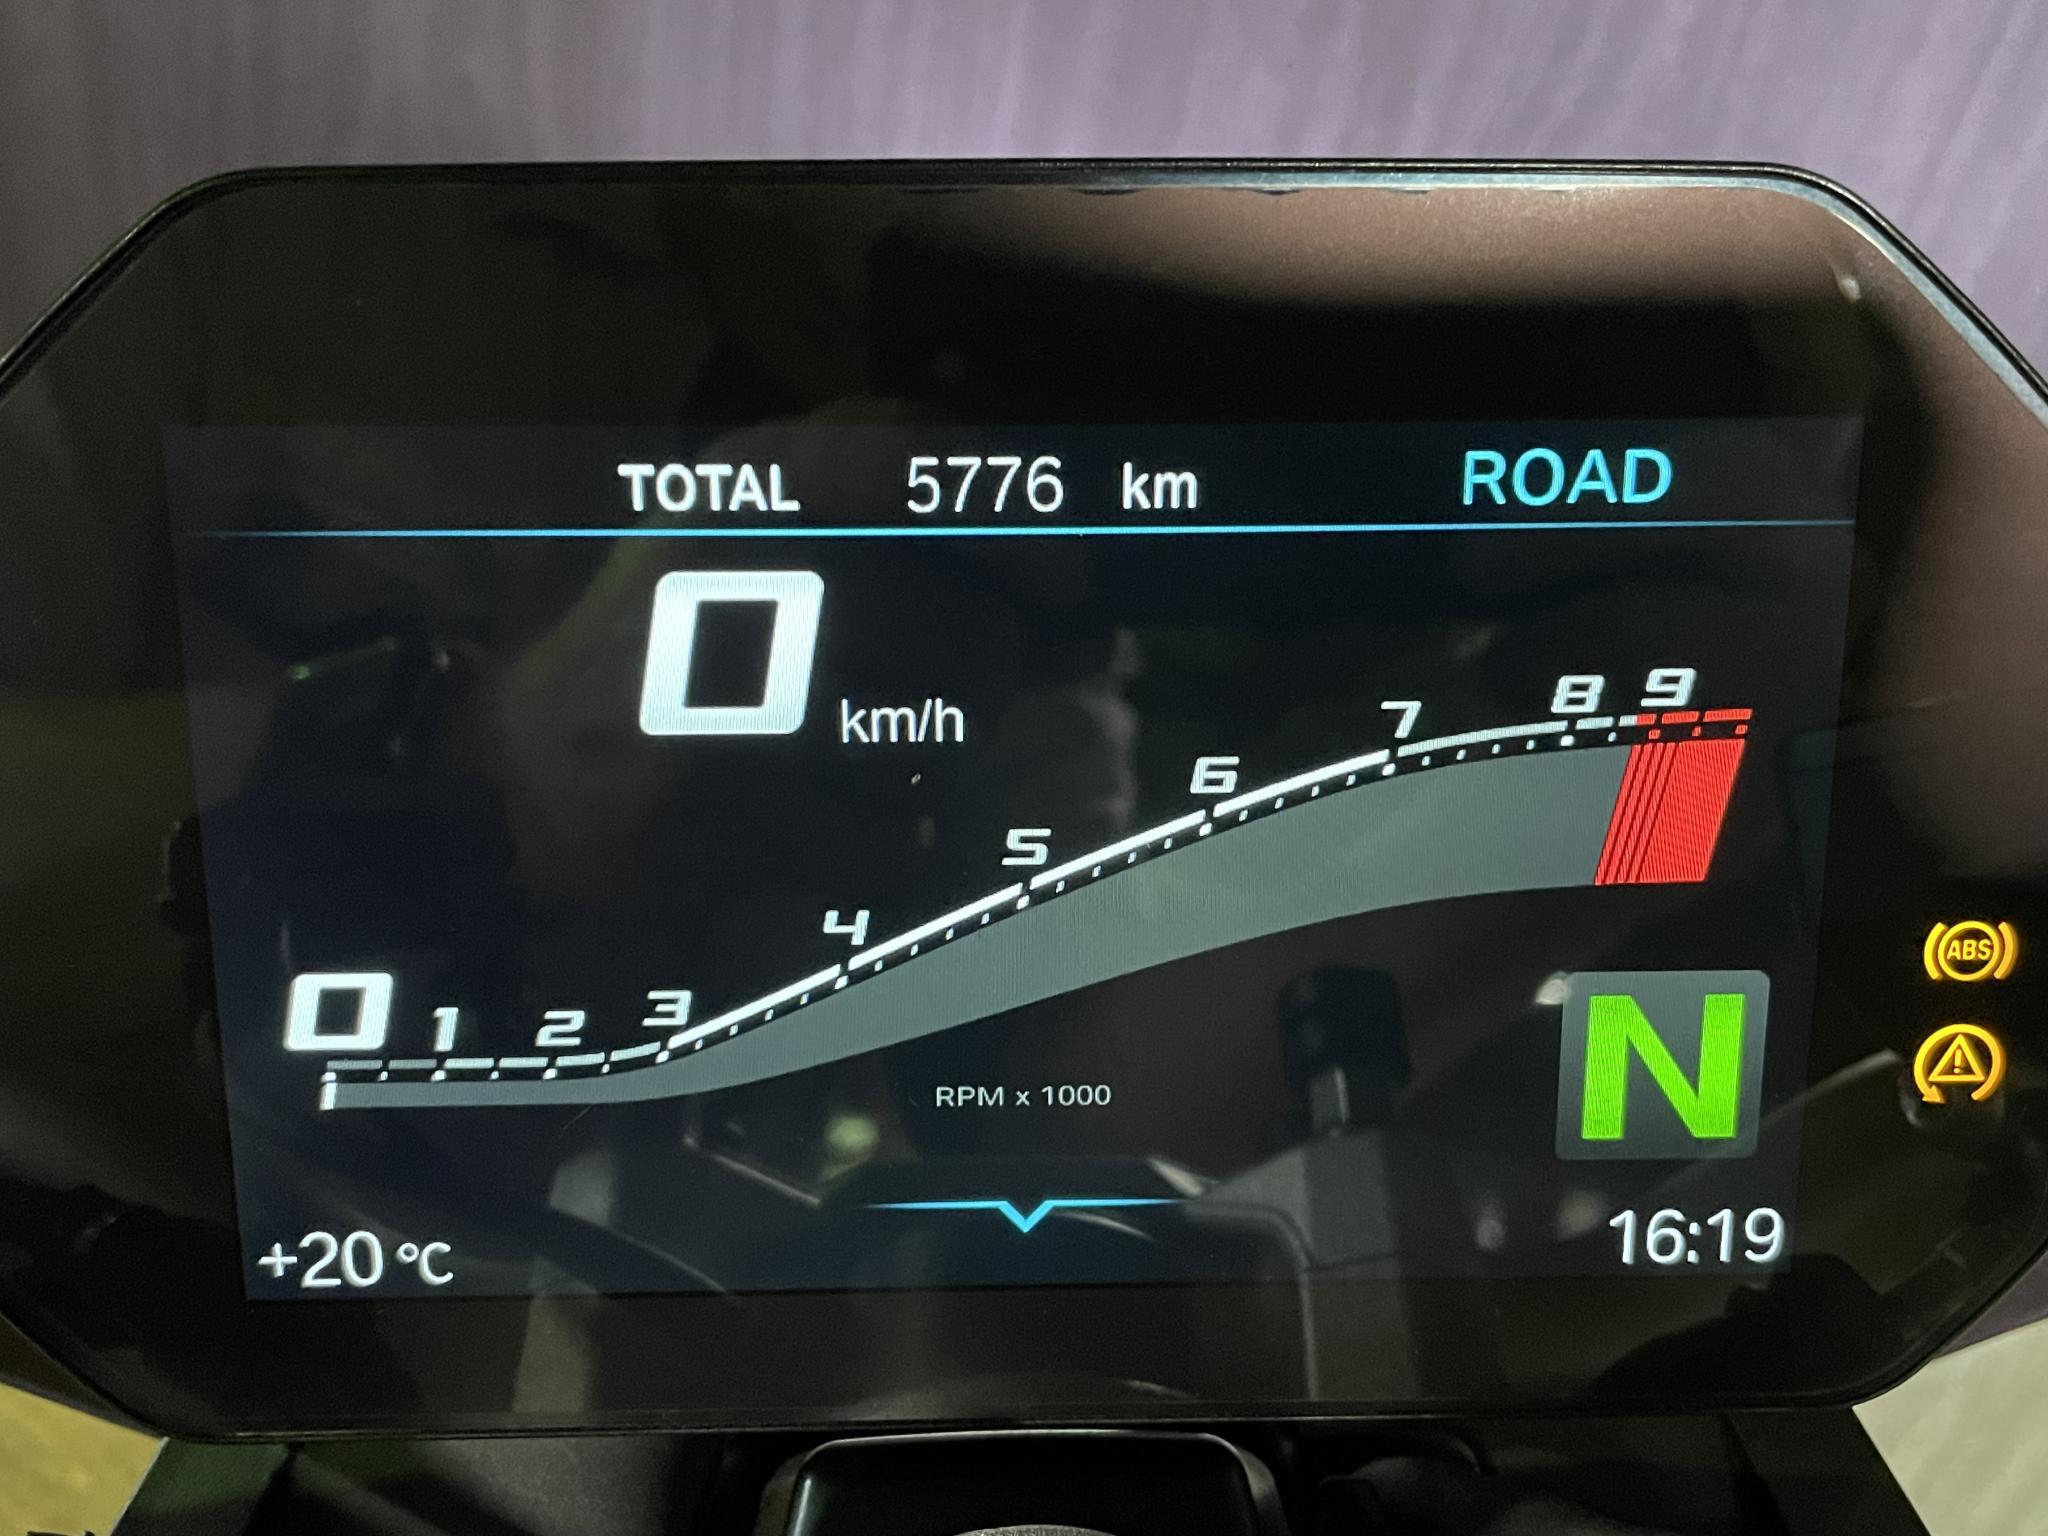 BMW 2020 BMW F900 車体写真9